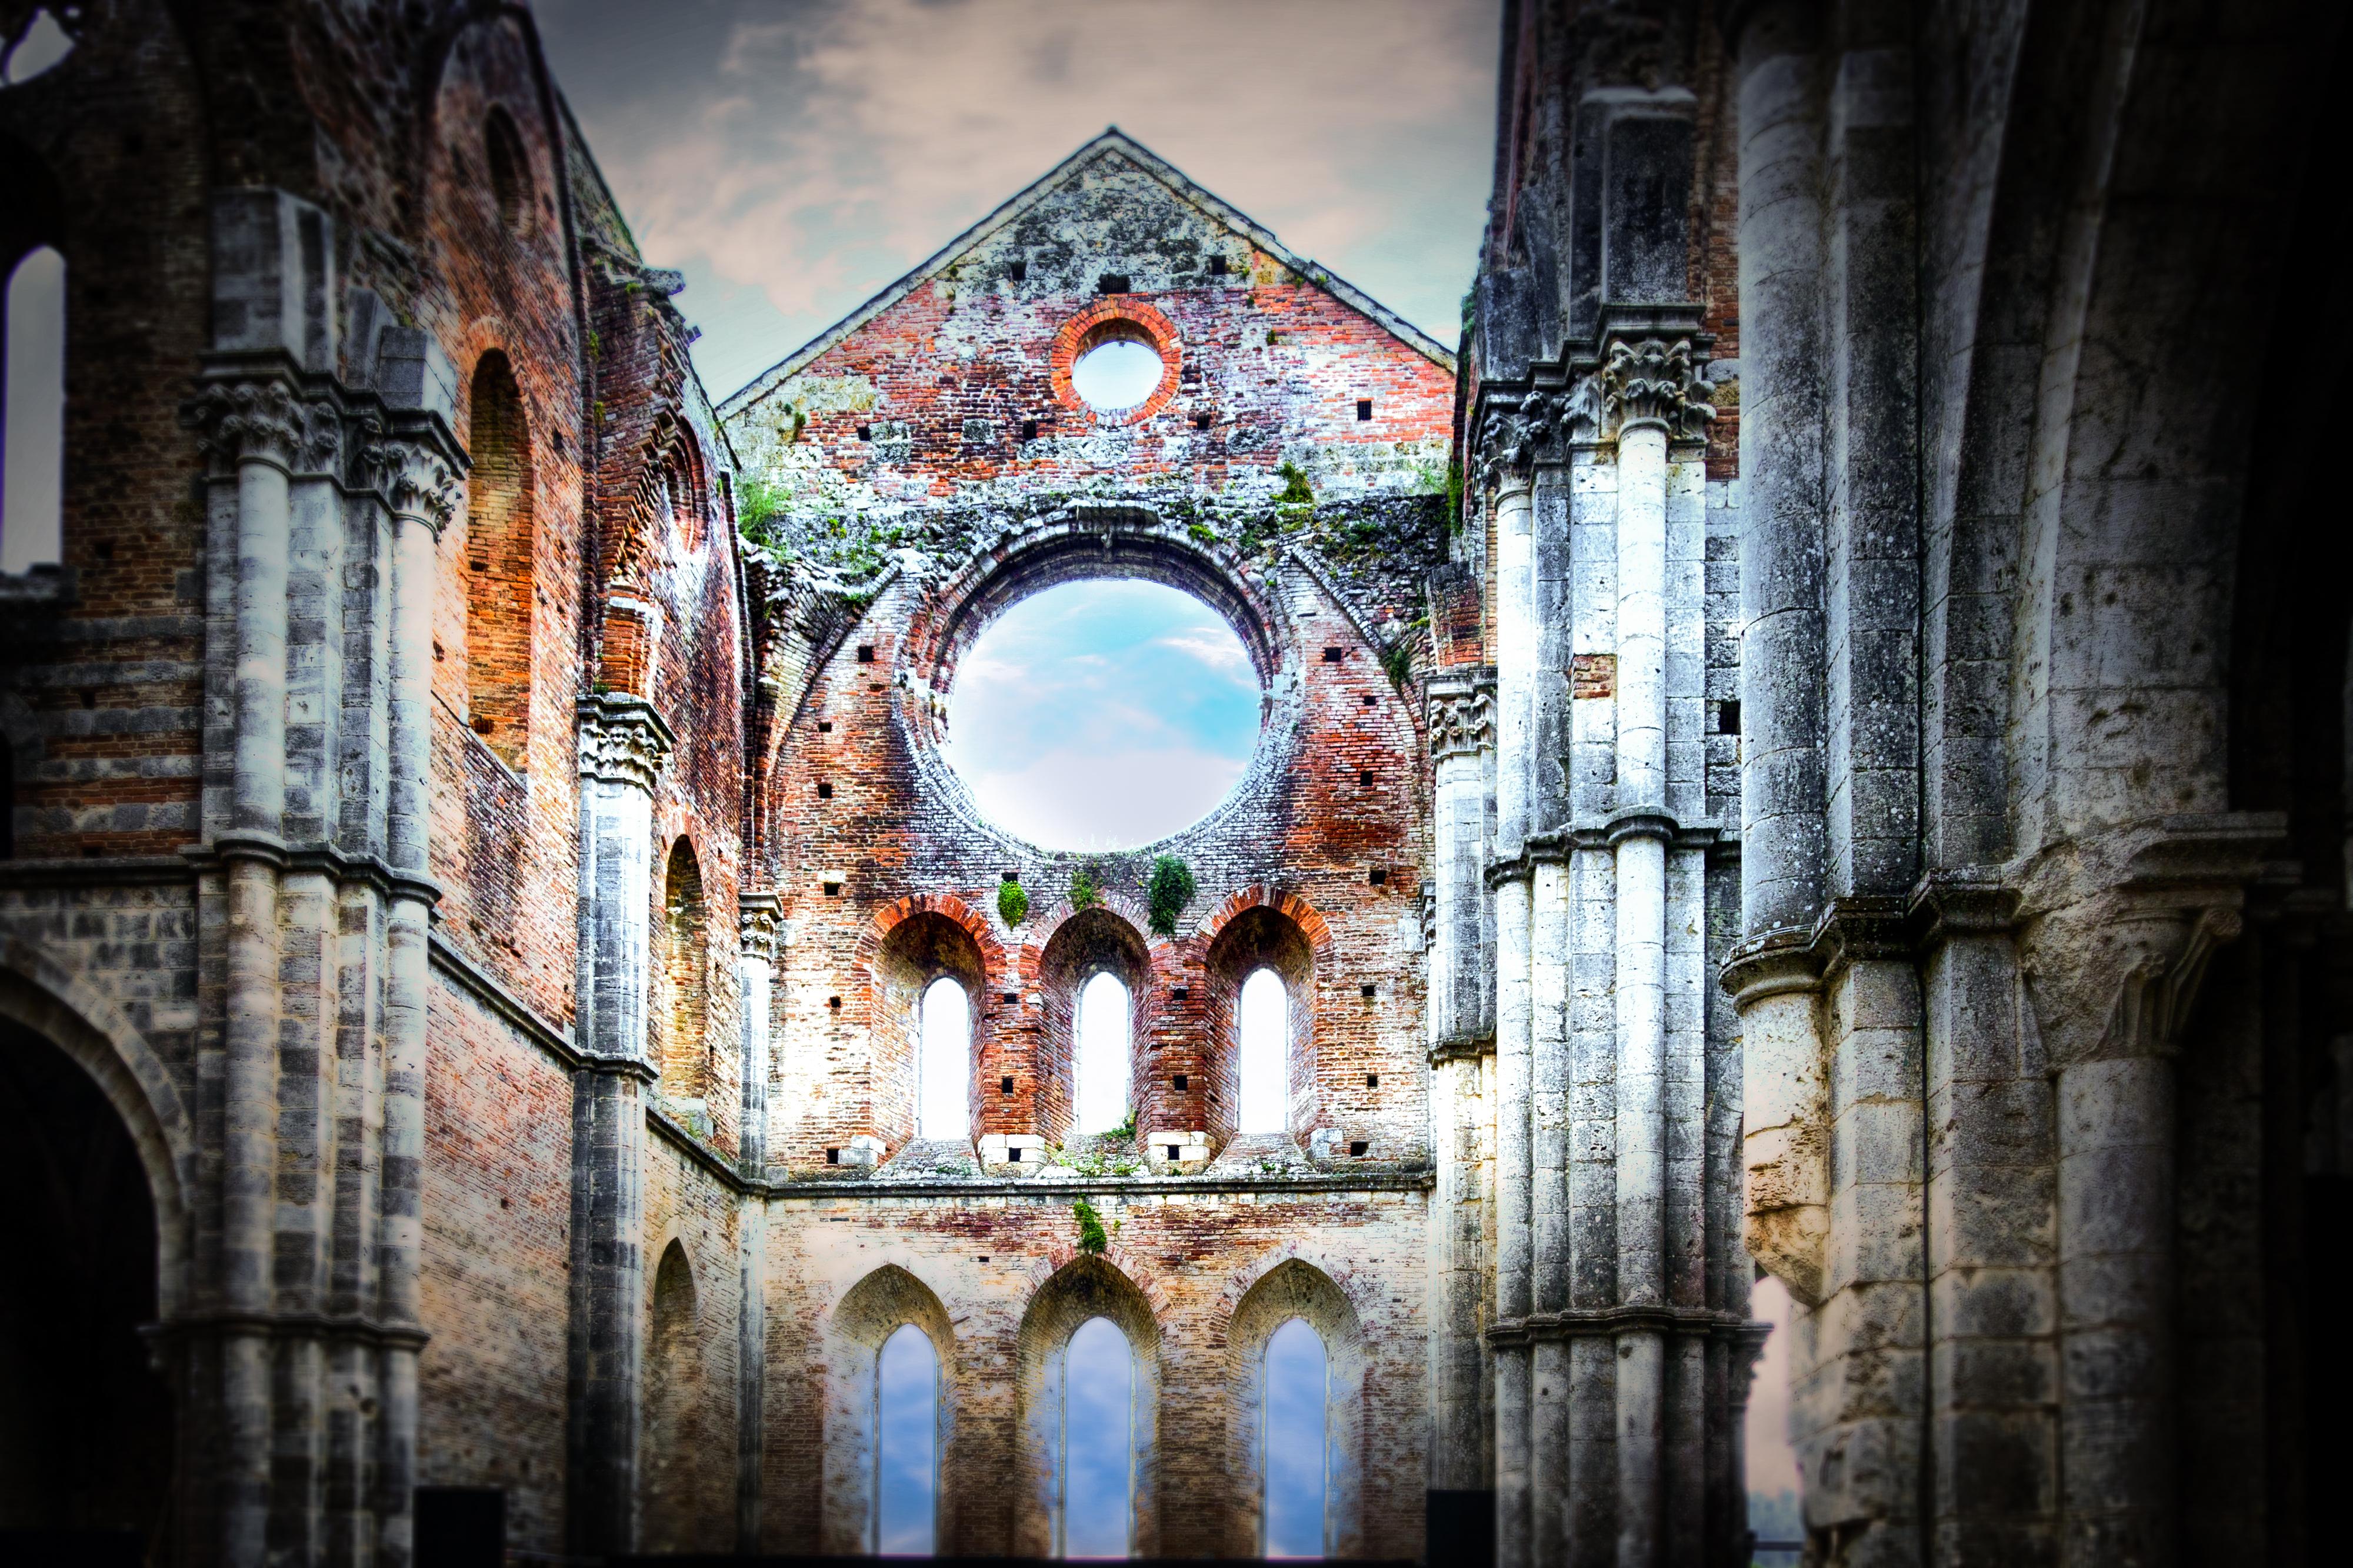 Sfondi finestra antico costruzione simmetria casa for Casa di architettura gotica